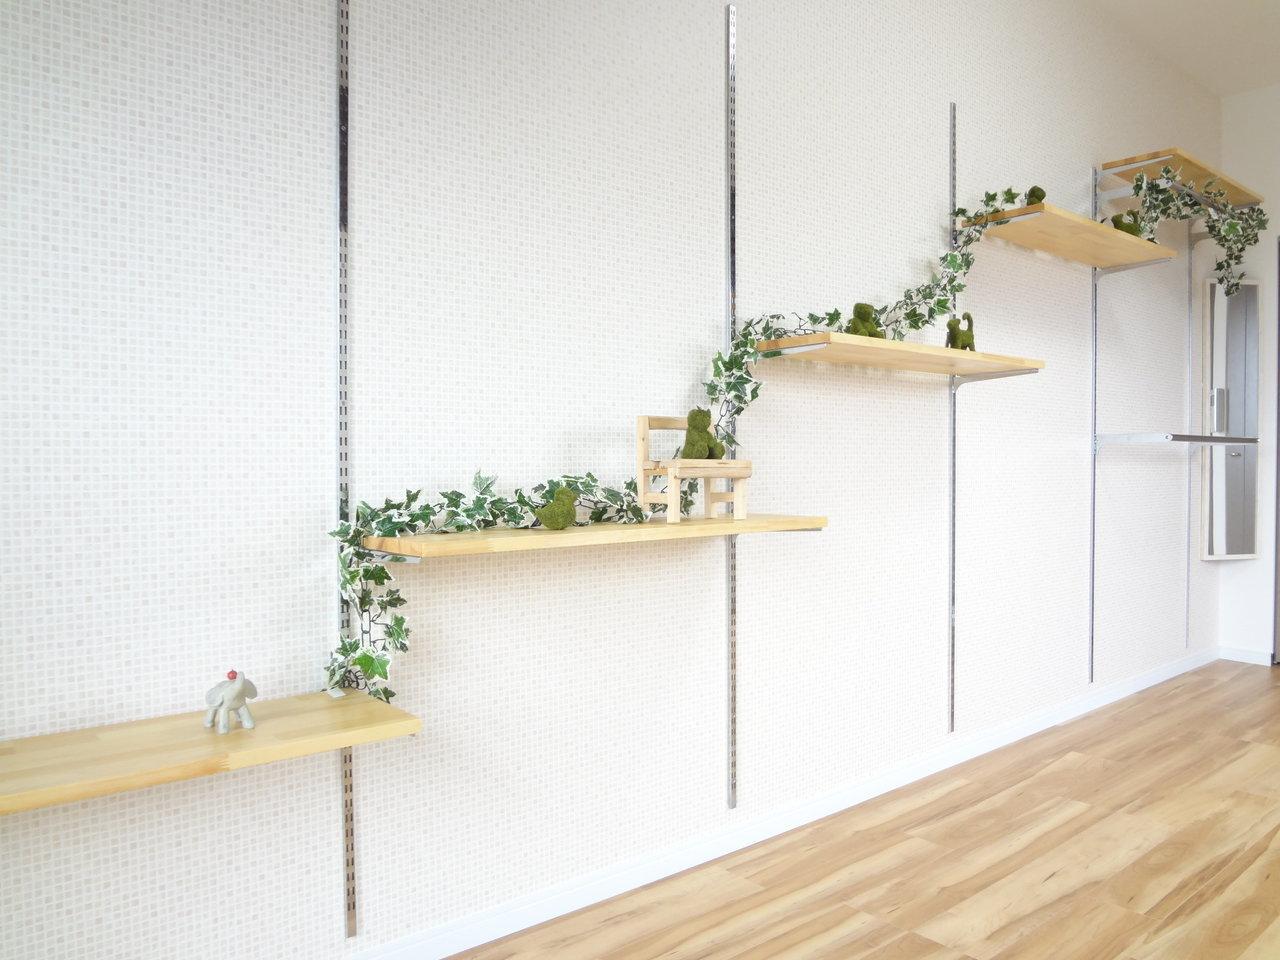 特徴的なのはこちらの壁。自分で棚板は好きな位置に動かせます。たくさん、好きな小物を飾ってください。